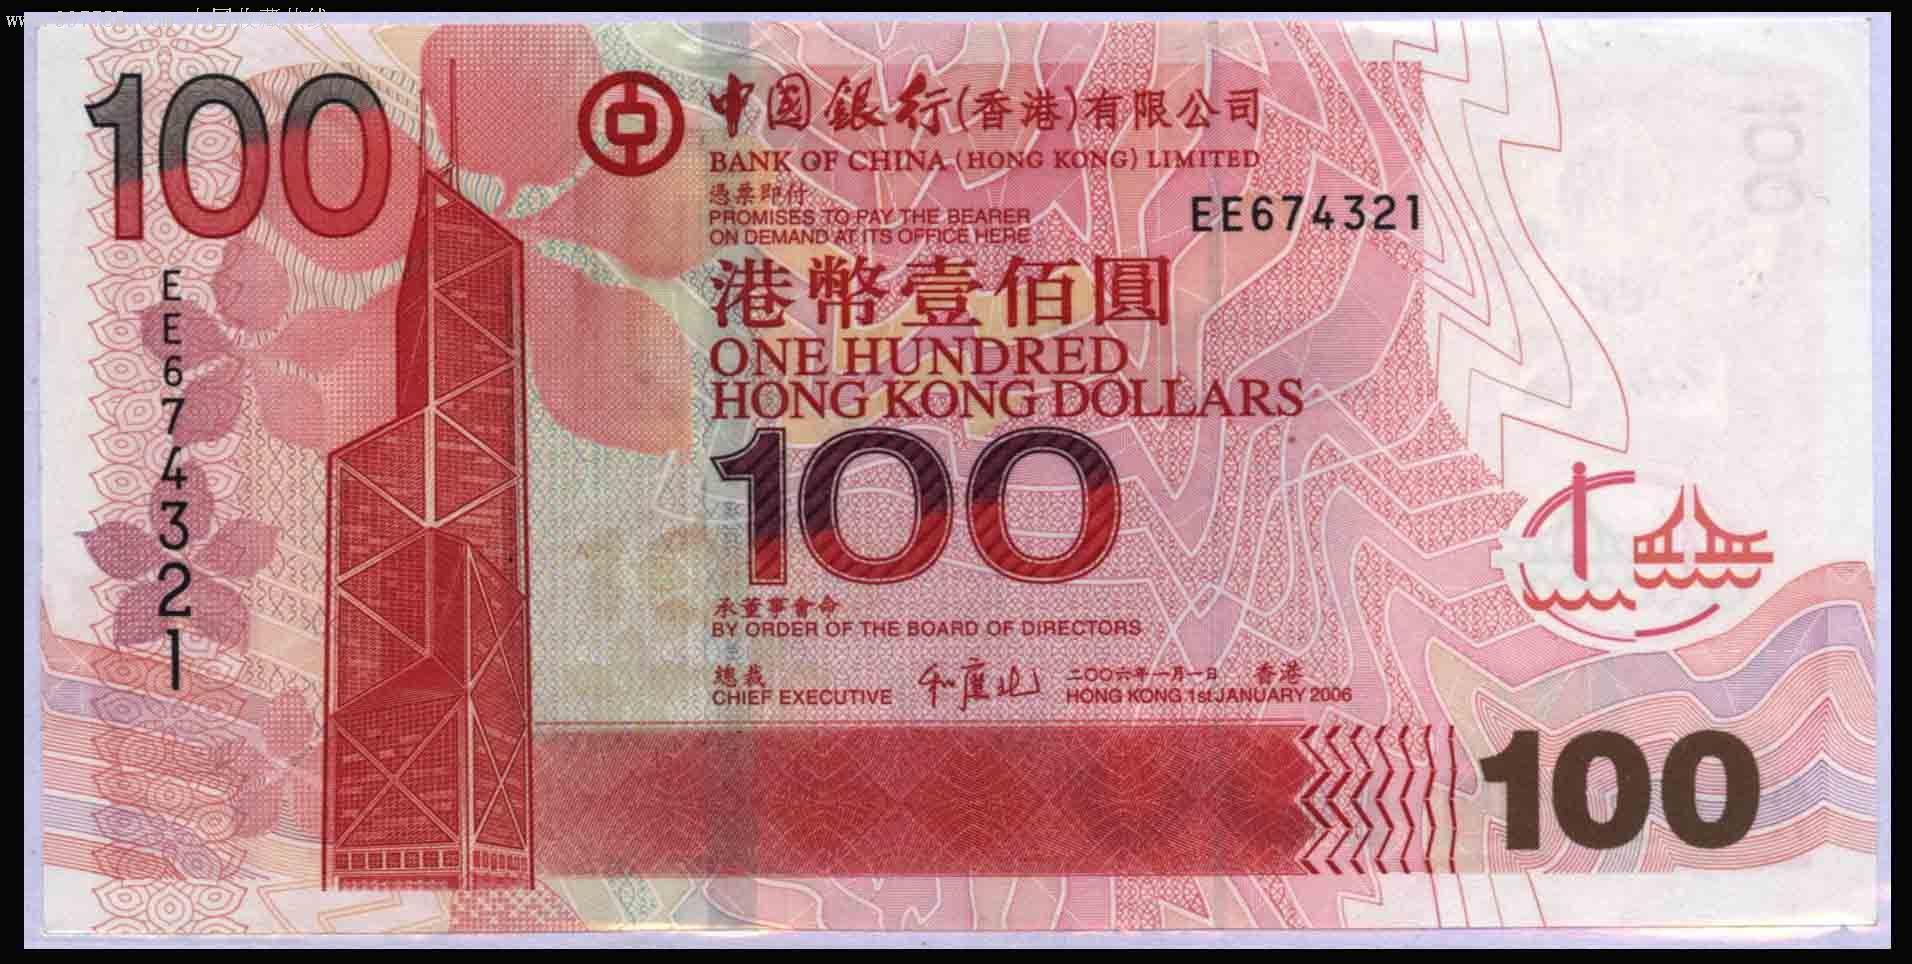 钱 钱币 纸币 1912_964